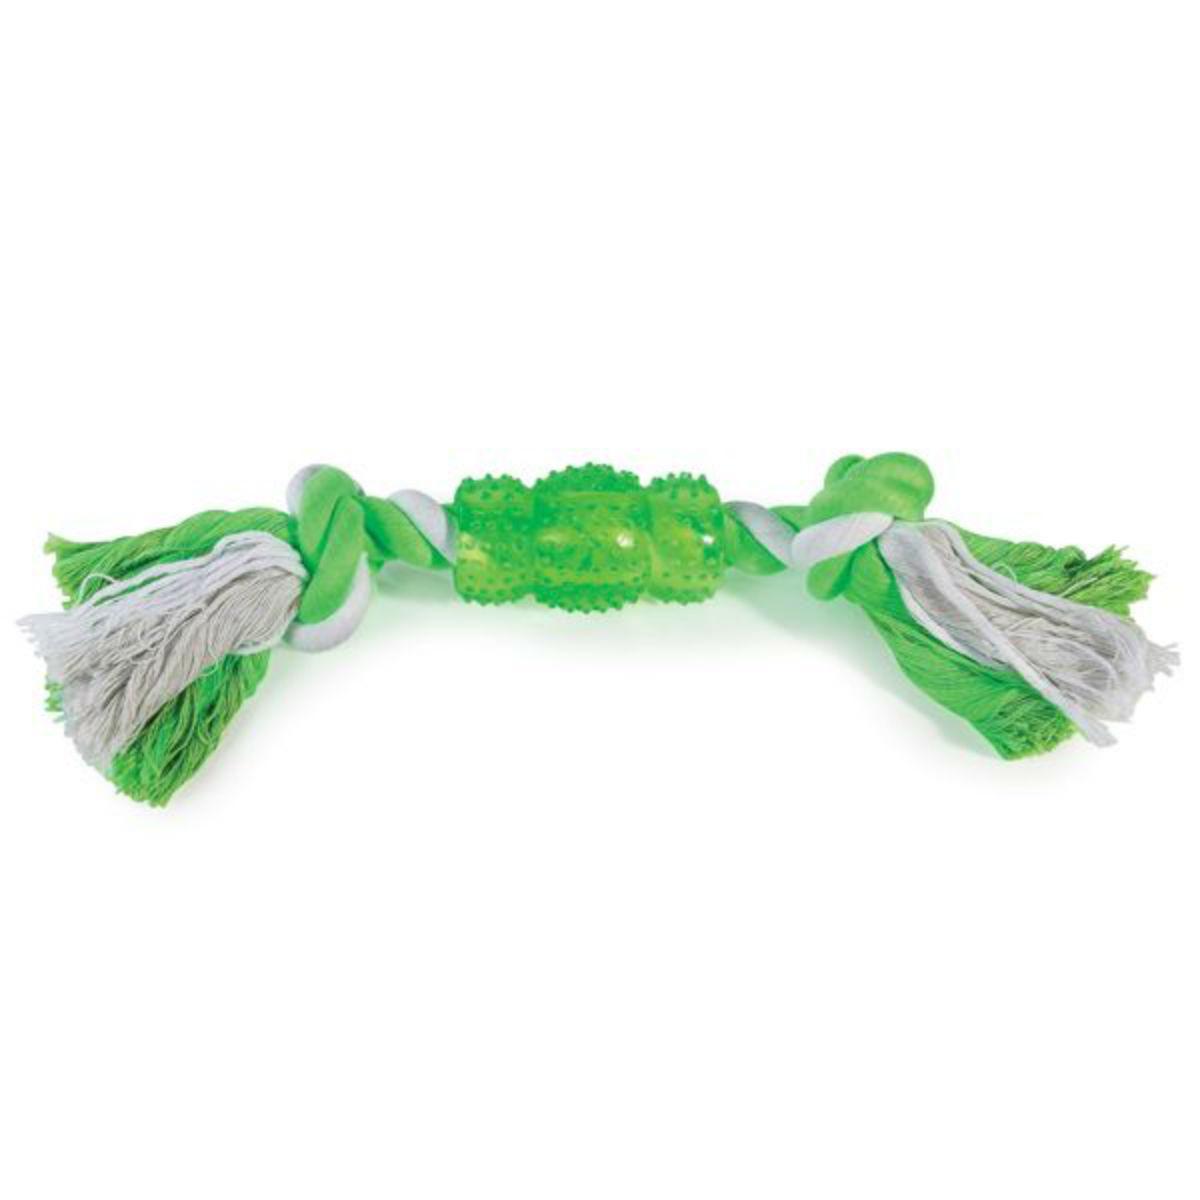 Grriggles Rope N' Rubber Bones Dog Toy - Green